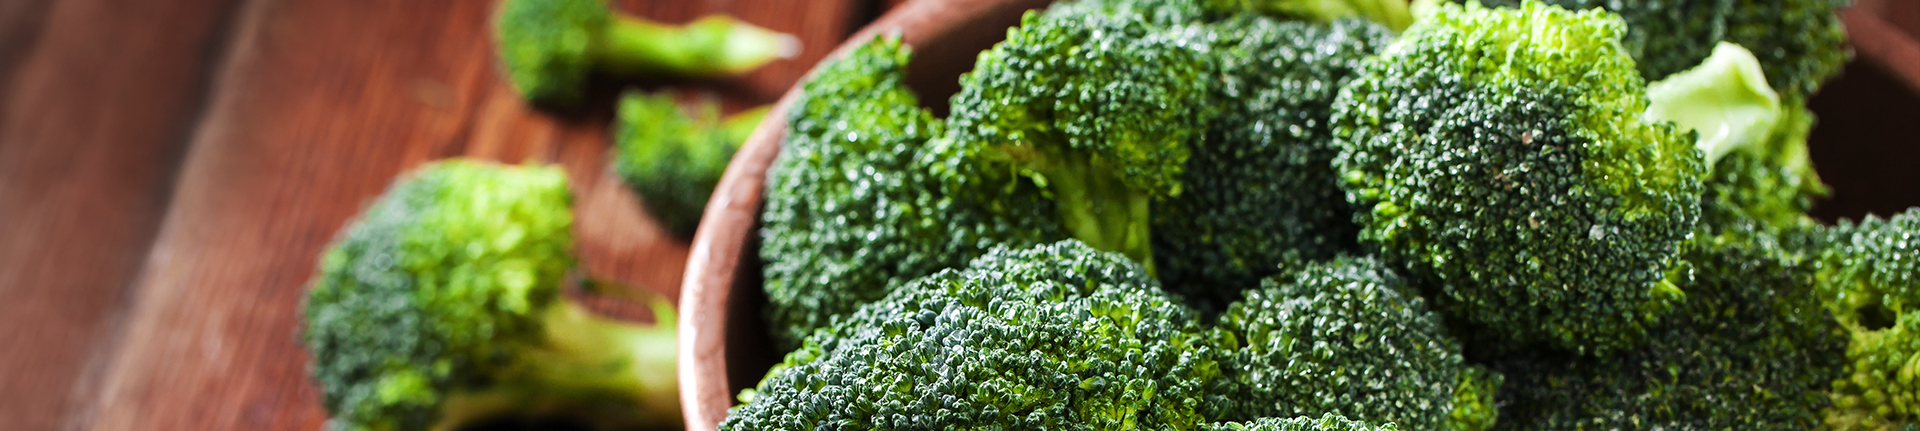 Suflê de brócolis para uma refeição leve e nutritiva